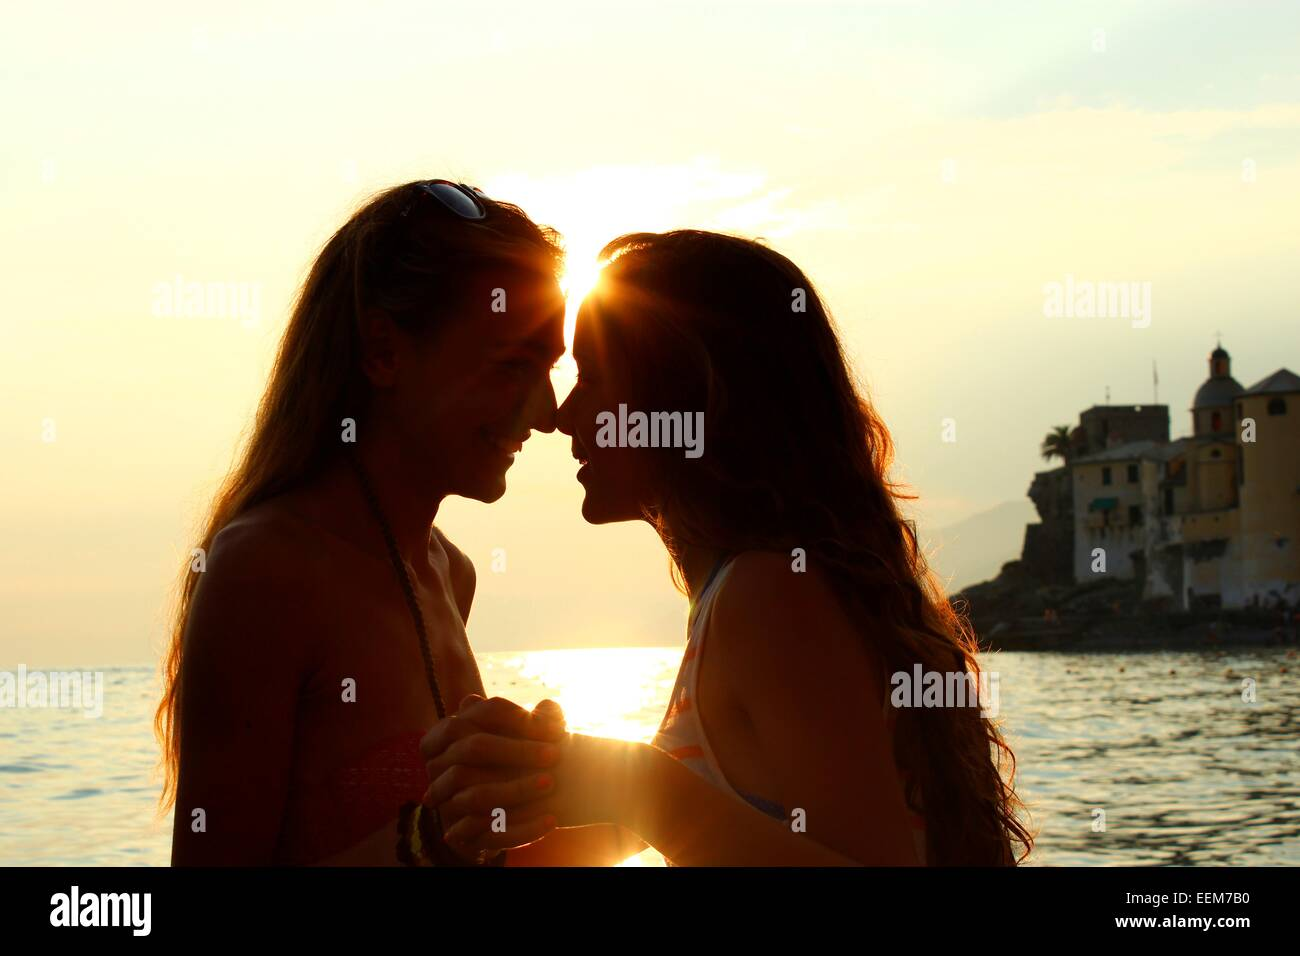 Las mujeres jóvenes cogidos de la mano contra el mar al atardecer Imagen De Stock